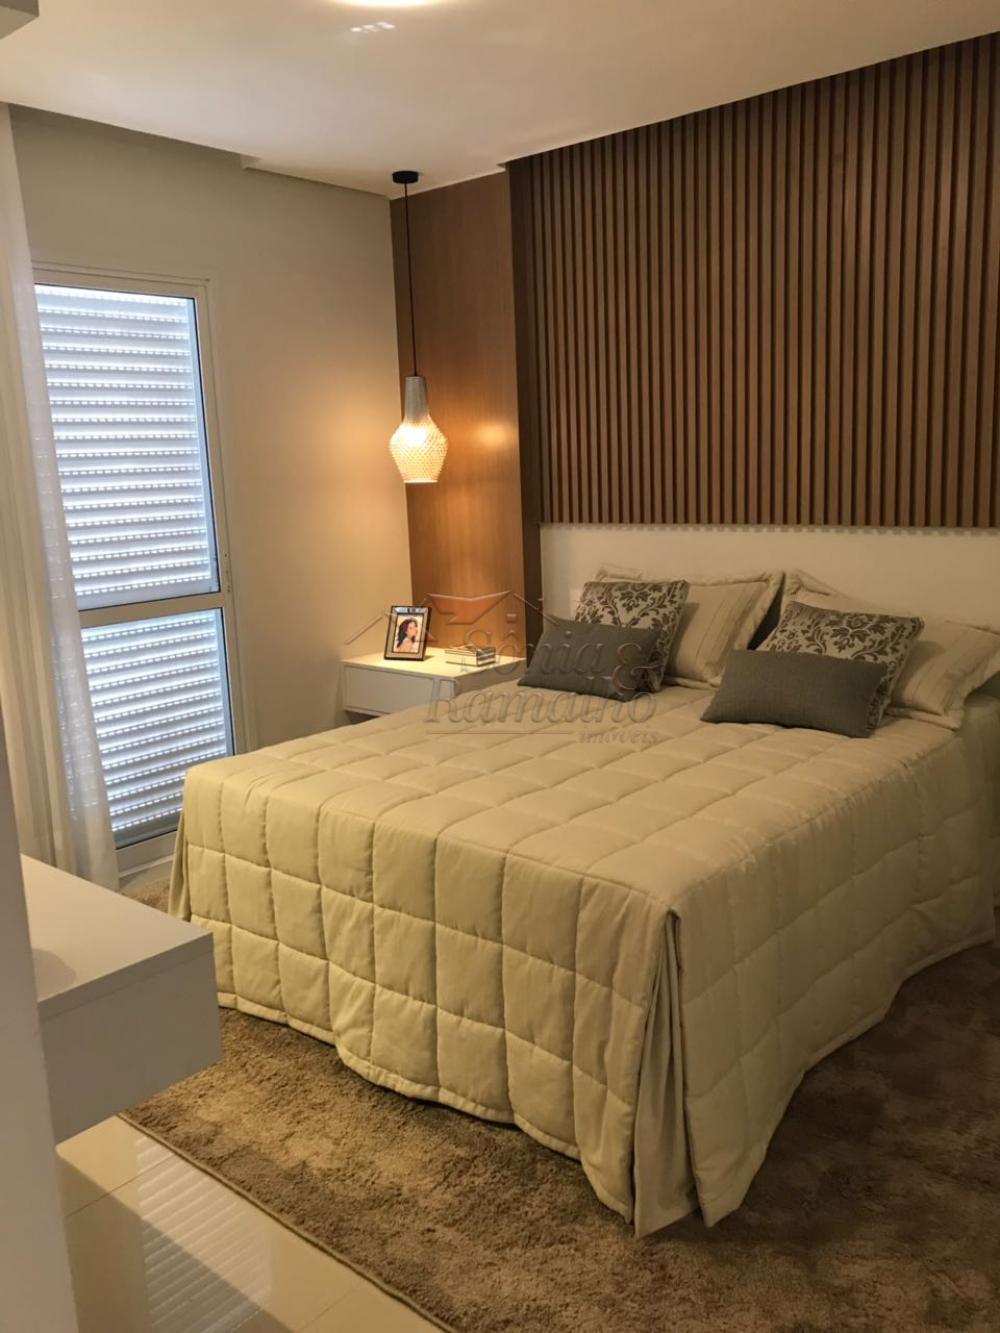 Comprar Apartamentos / Padrão em Ribeirão Preto apenas R$ 650.000,00 - Foto 13